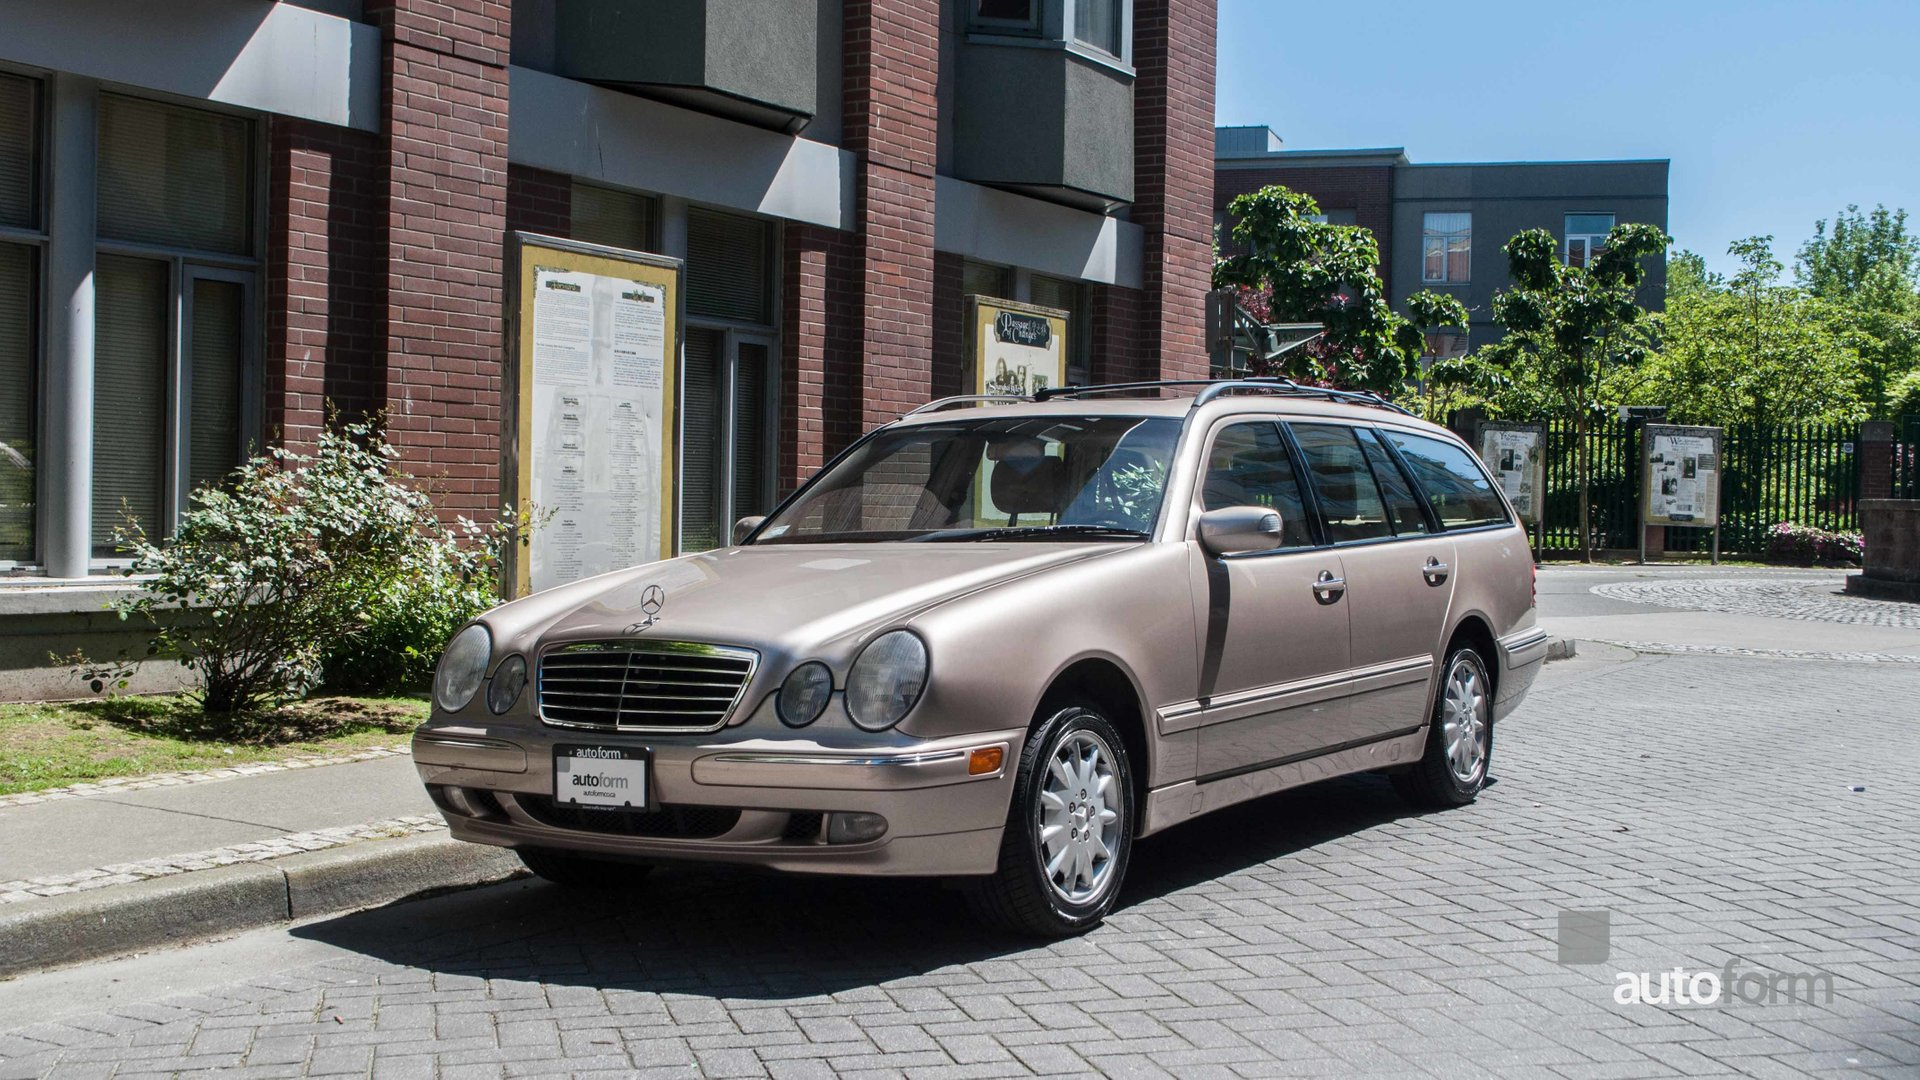 2000 mercedes benz e320